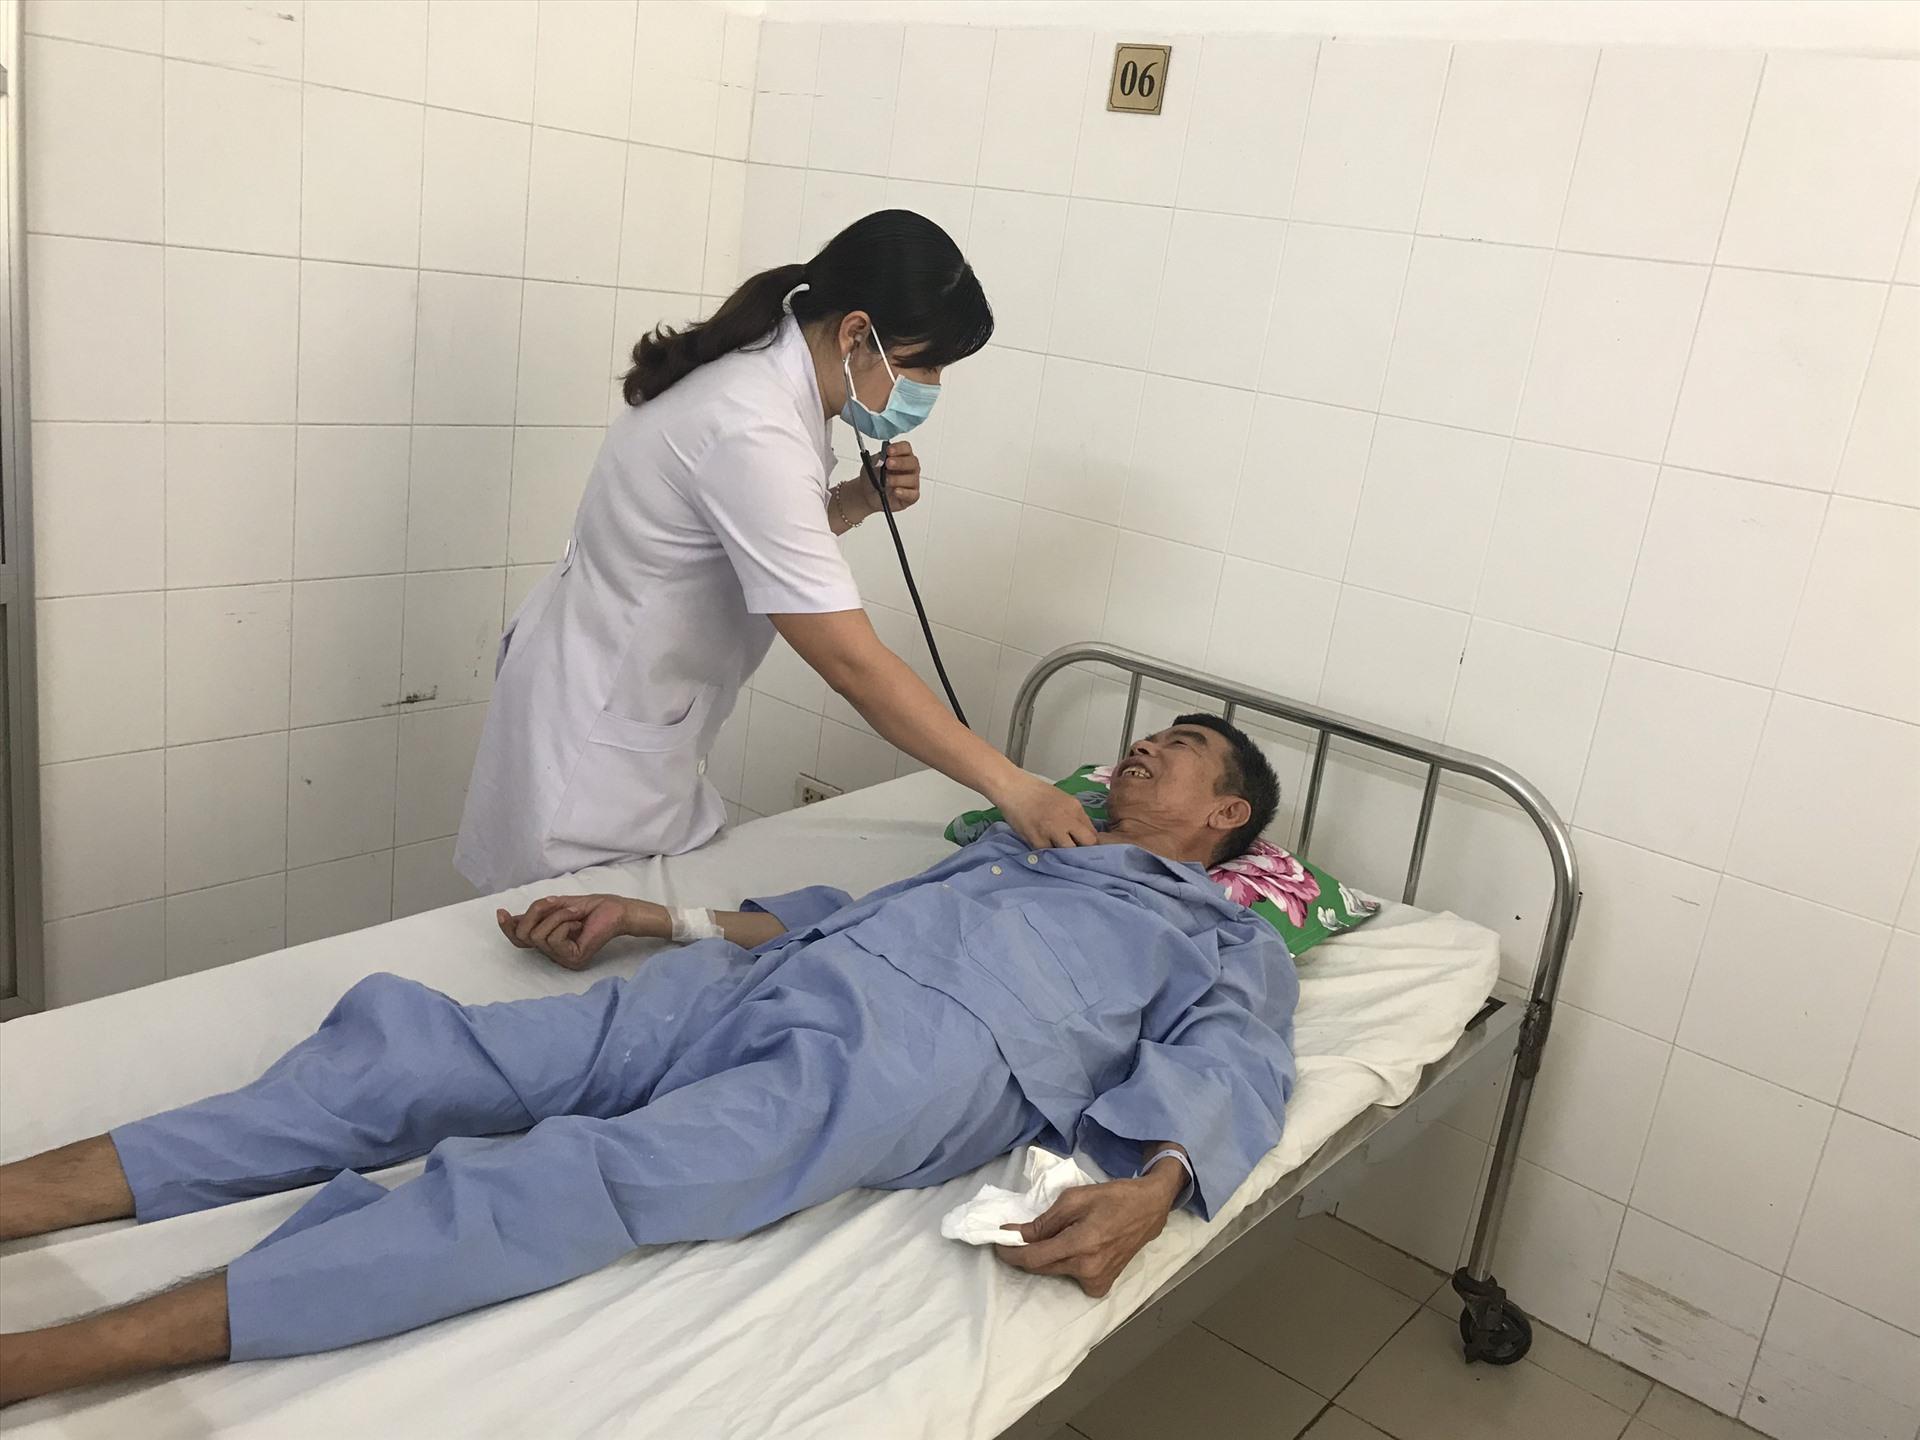 Tinh trạng sức khỏe của bệnh nhân sáng ngày 25.6 đã phục hồi: không sốt, đã giảm đau vùng cổ,....Ảnh: BVCC